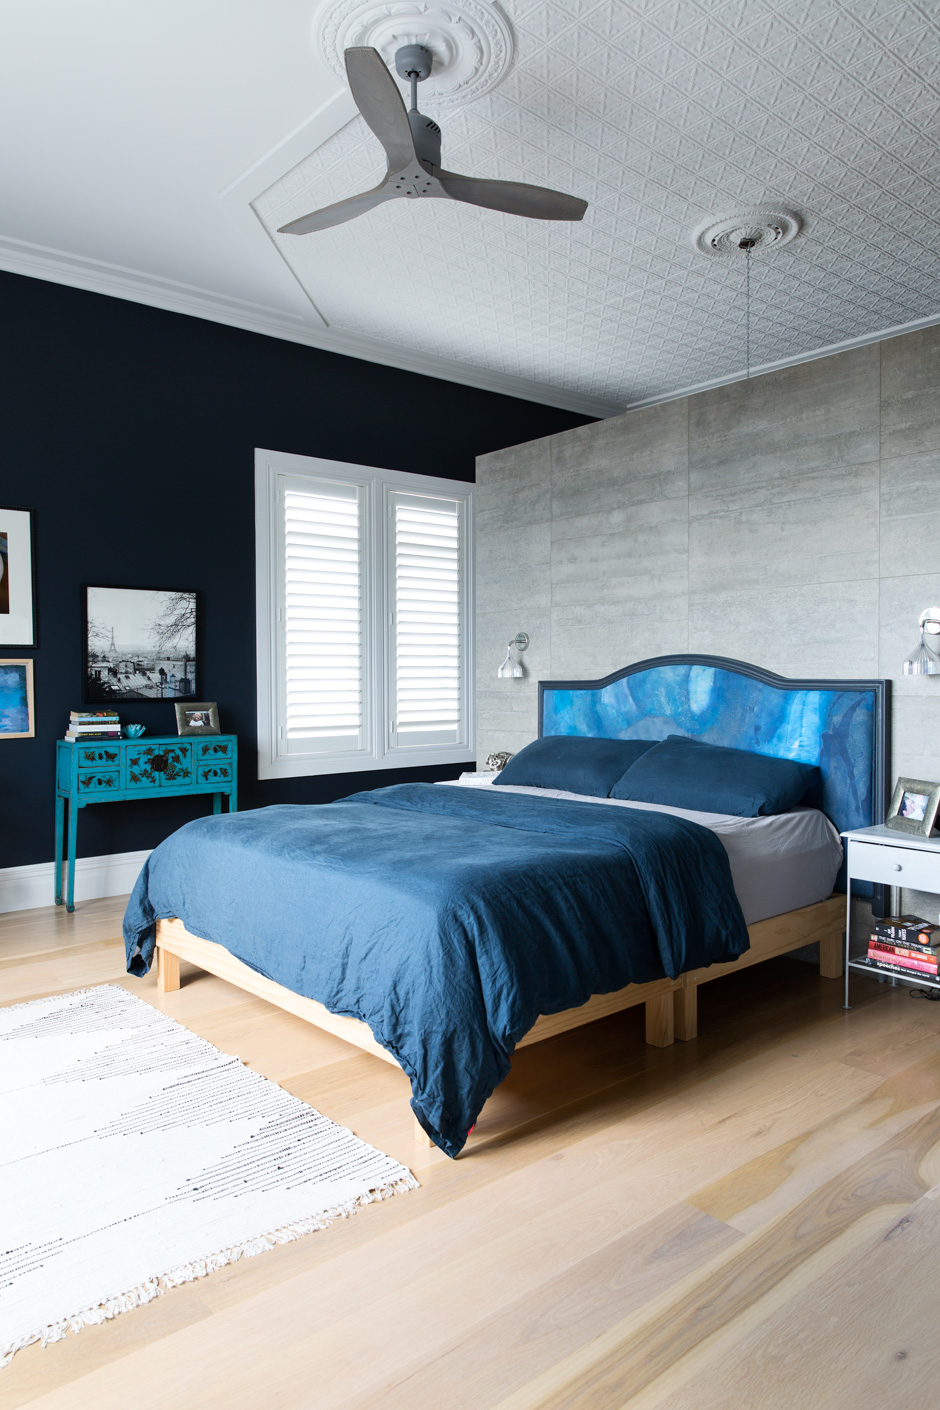 Mooie slaapkamer met luxe en suite badkamer slaapkamer idee n for Slaapkamer met badkamer